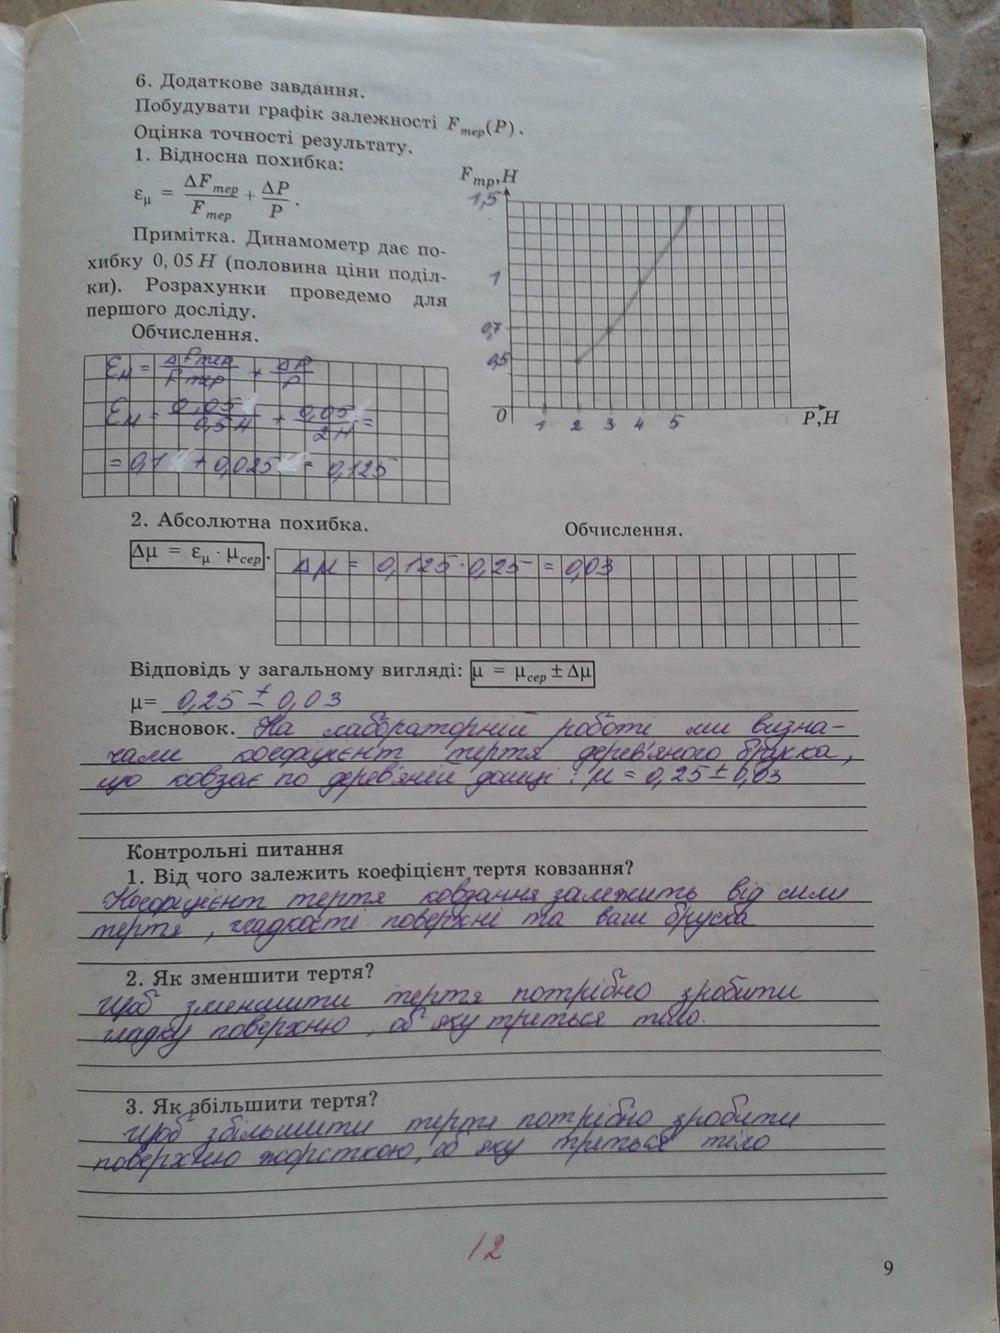 ГДЗ відповіді робочий зошит по физике 9 класс . Задание: стр. 9